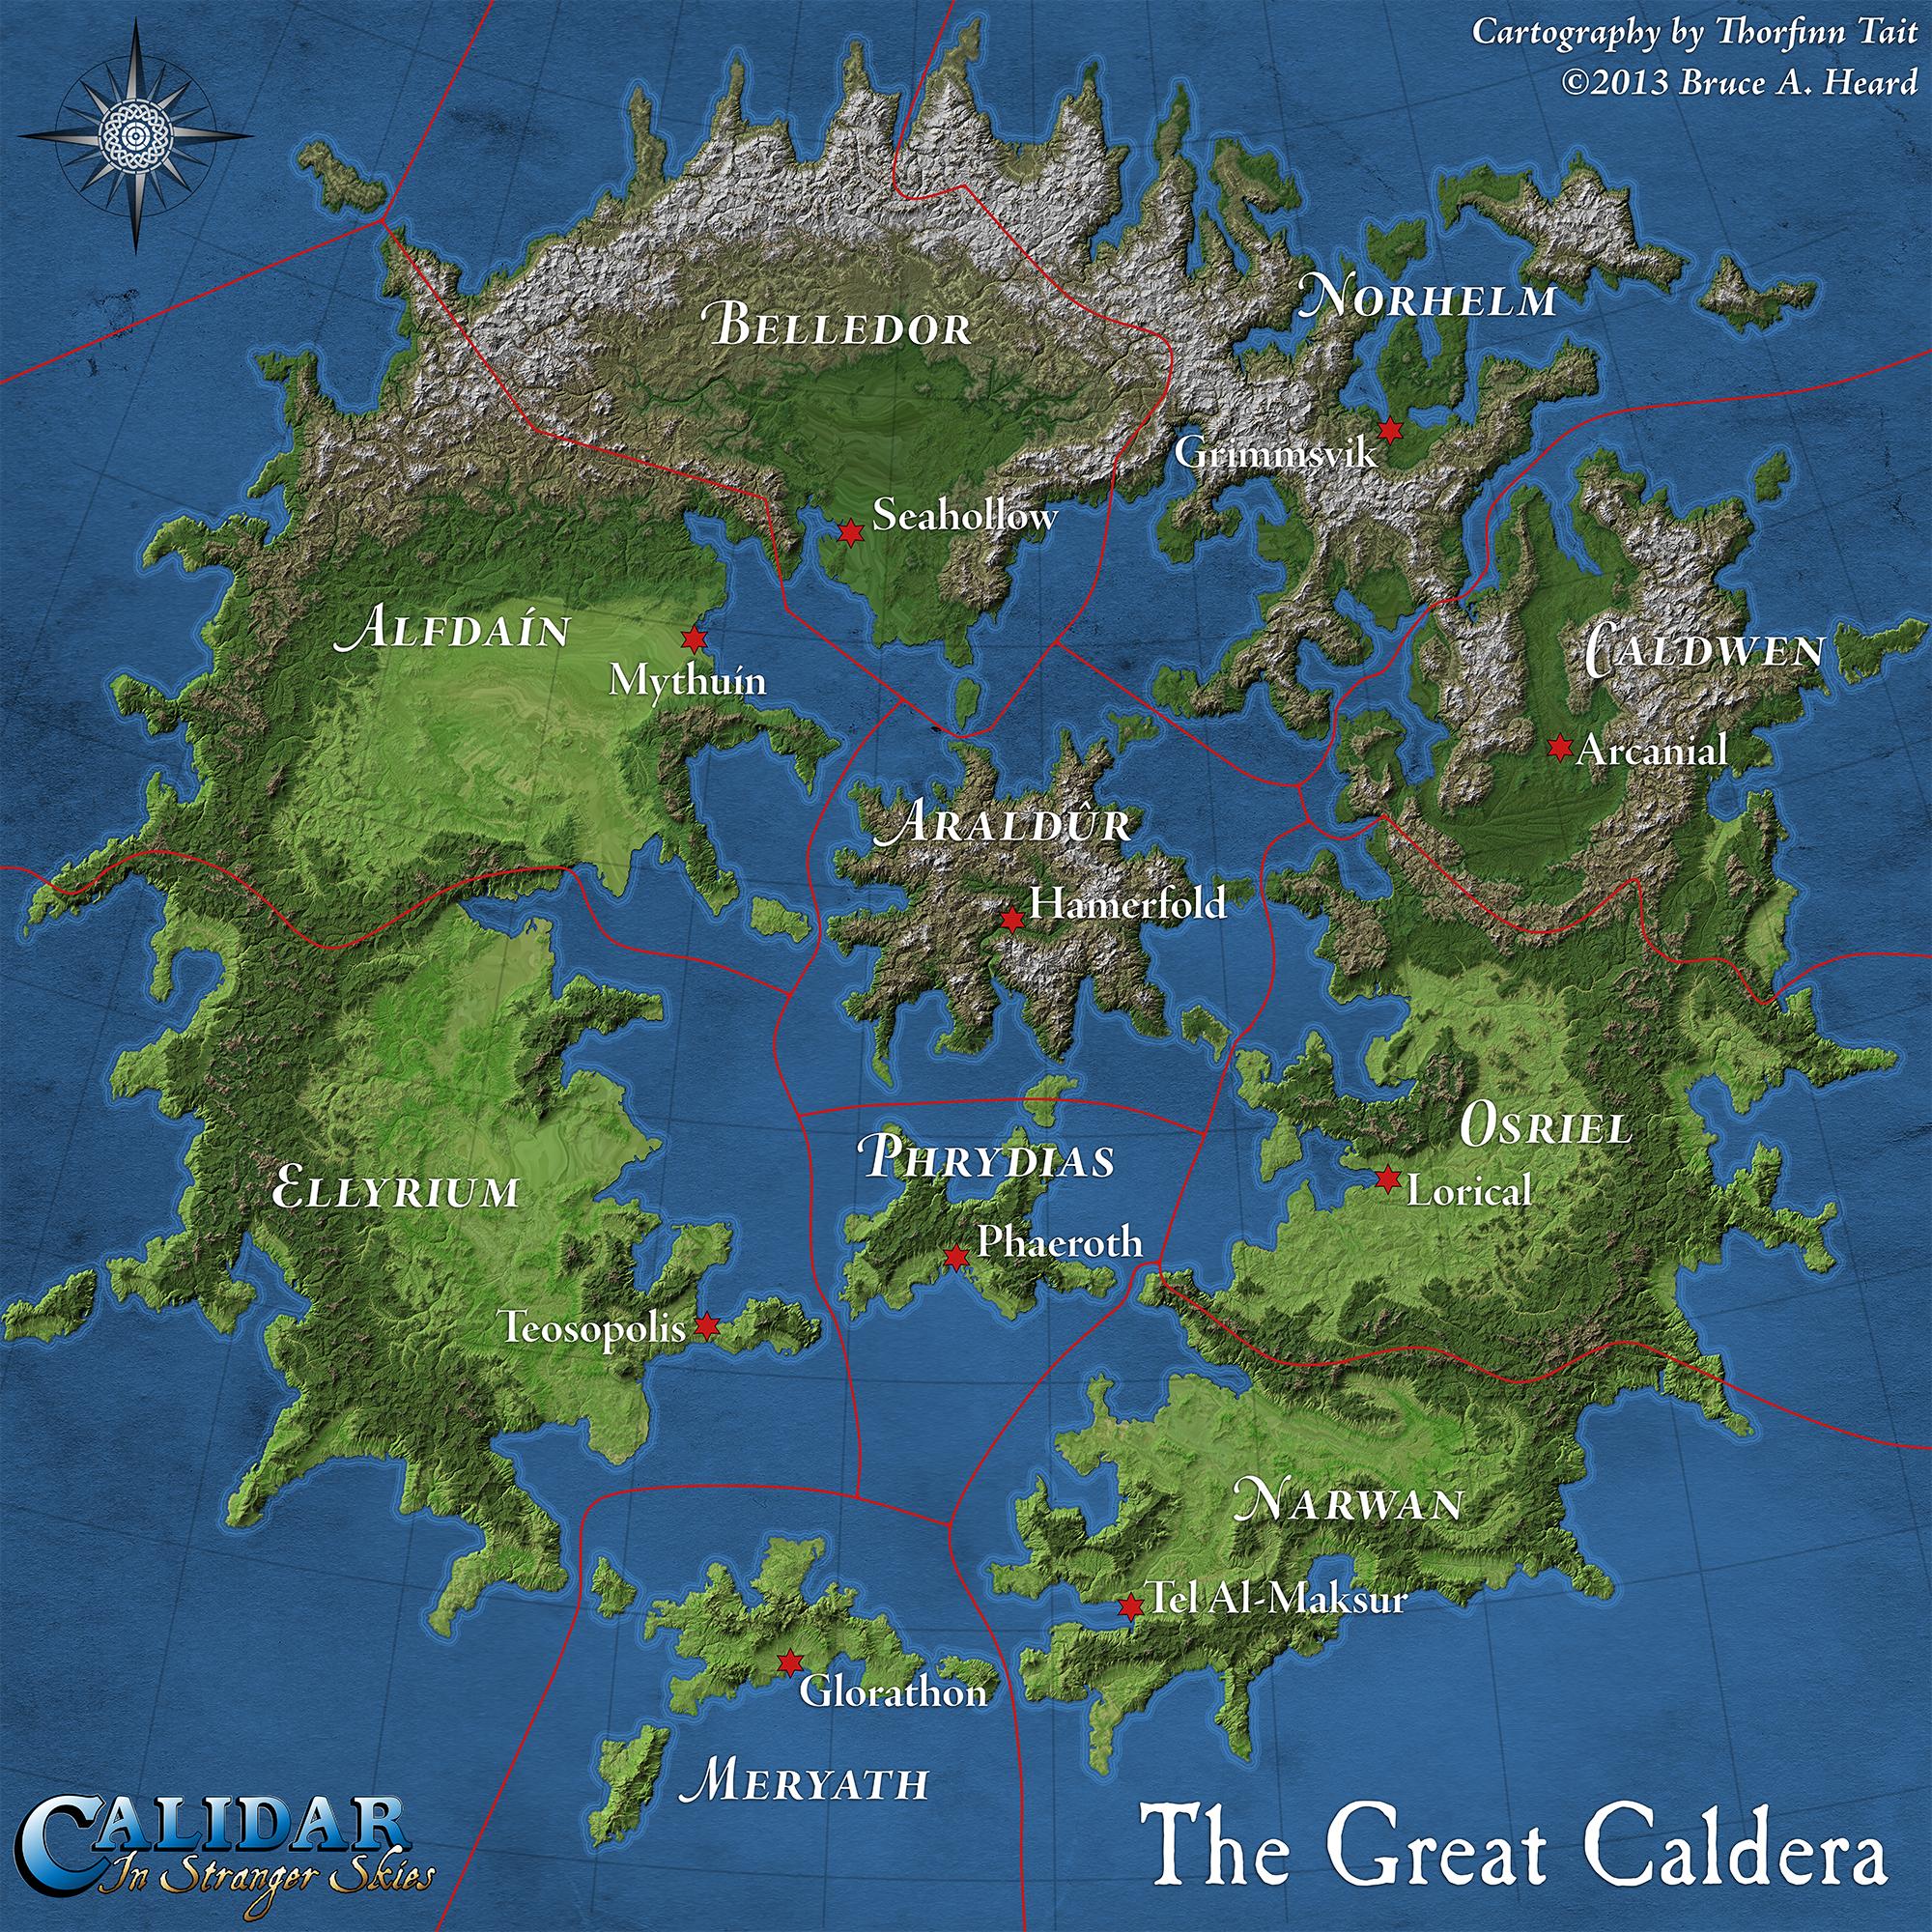 Dd 4e World Map.Calidar Maps For Bruce Heard S World Of Calidar